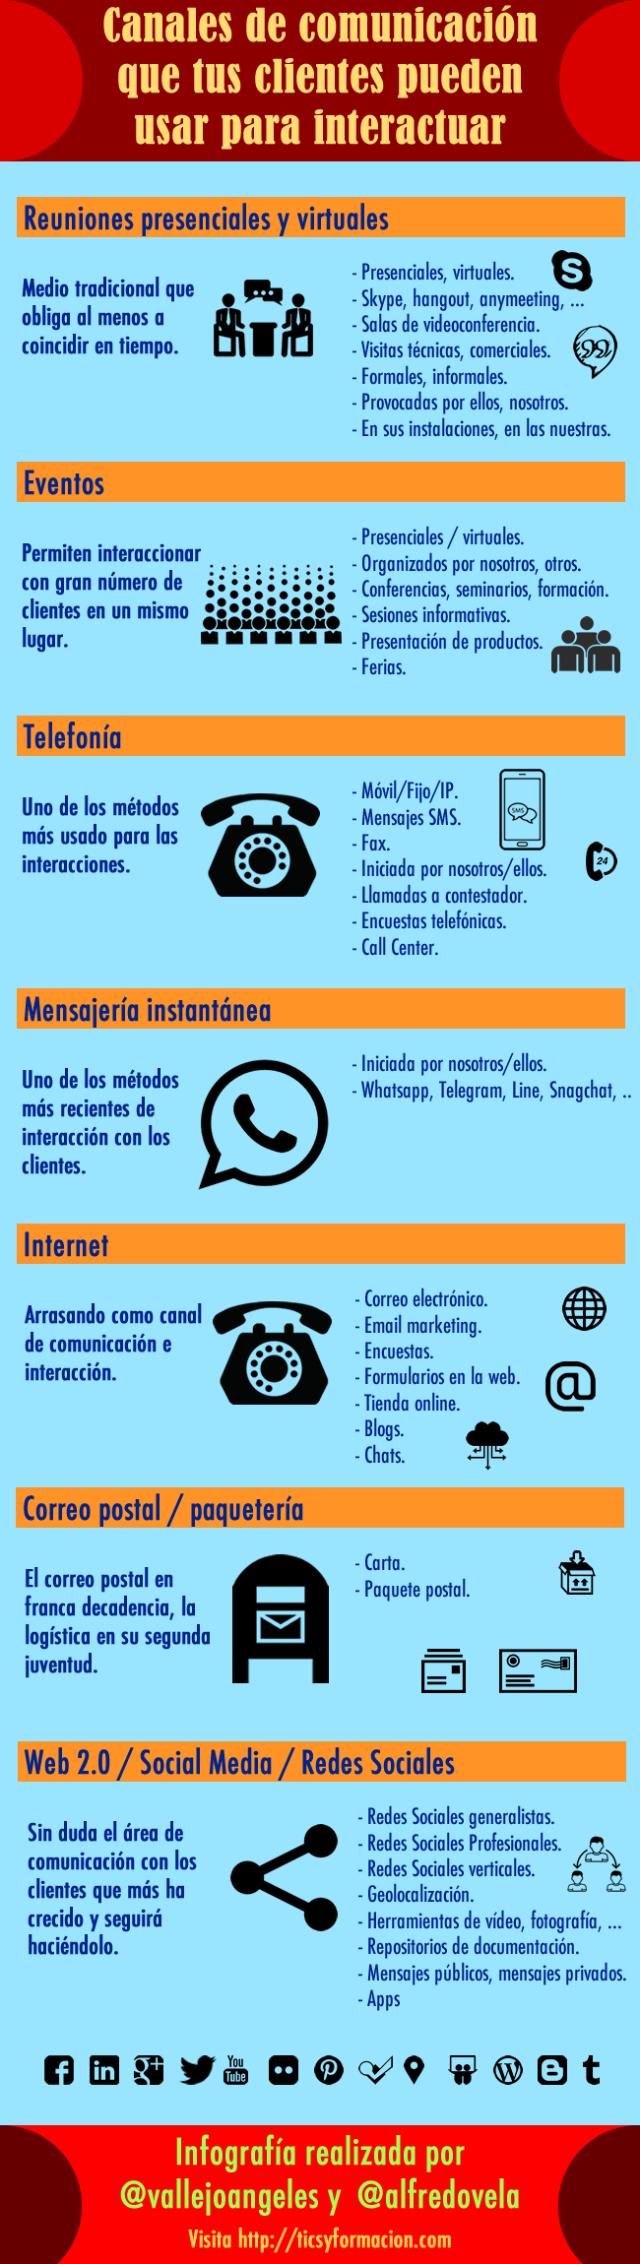 Canales de comunicación para interactuar con tus clientes